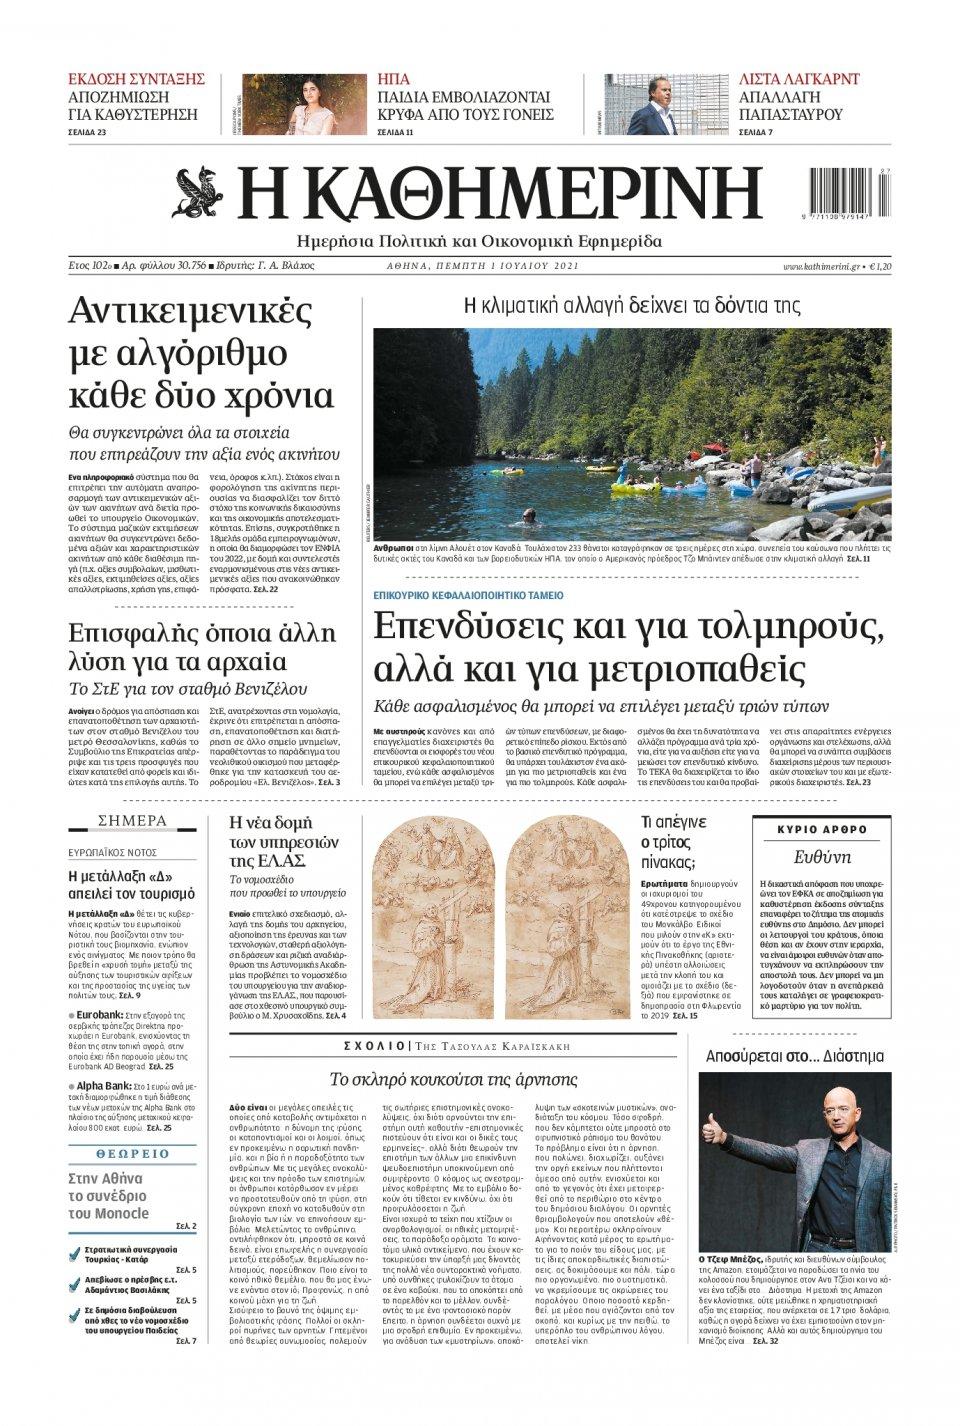 Πρωτοσέλιδο Εφημερίδας - Καθημερινή - 2021-07-01